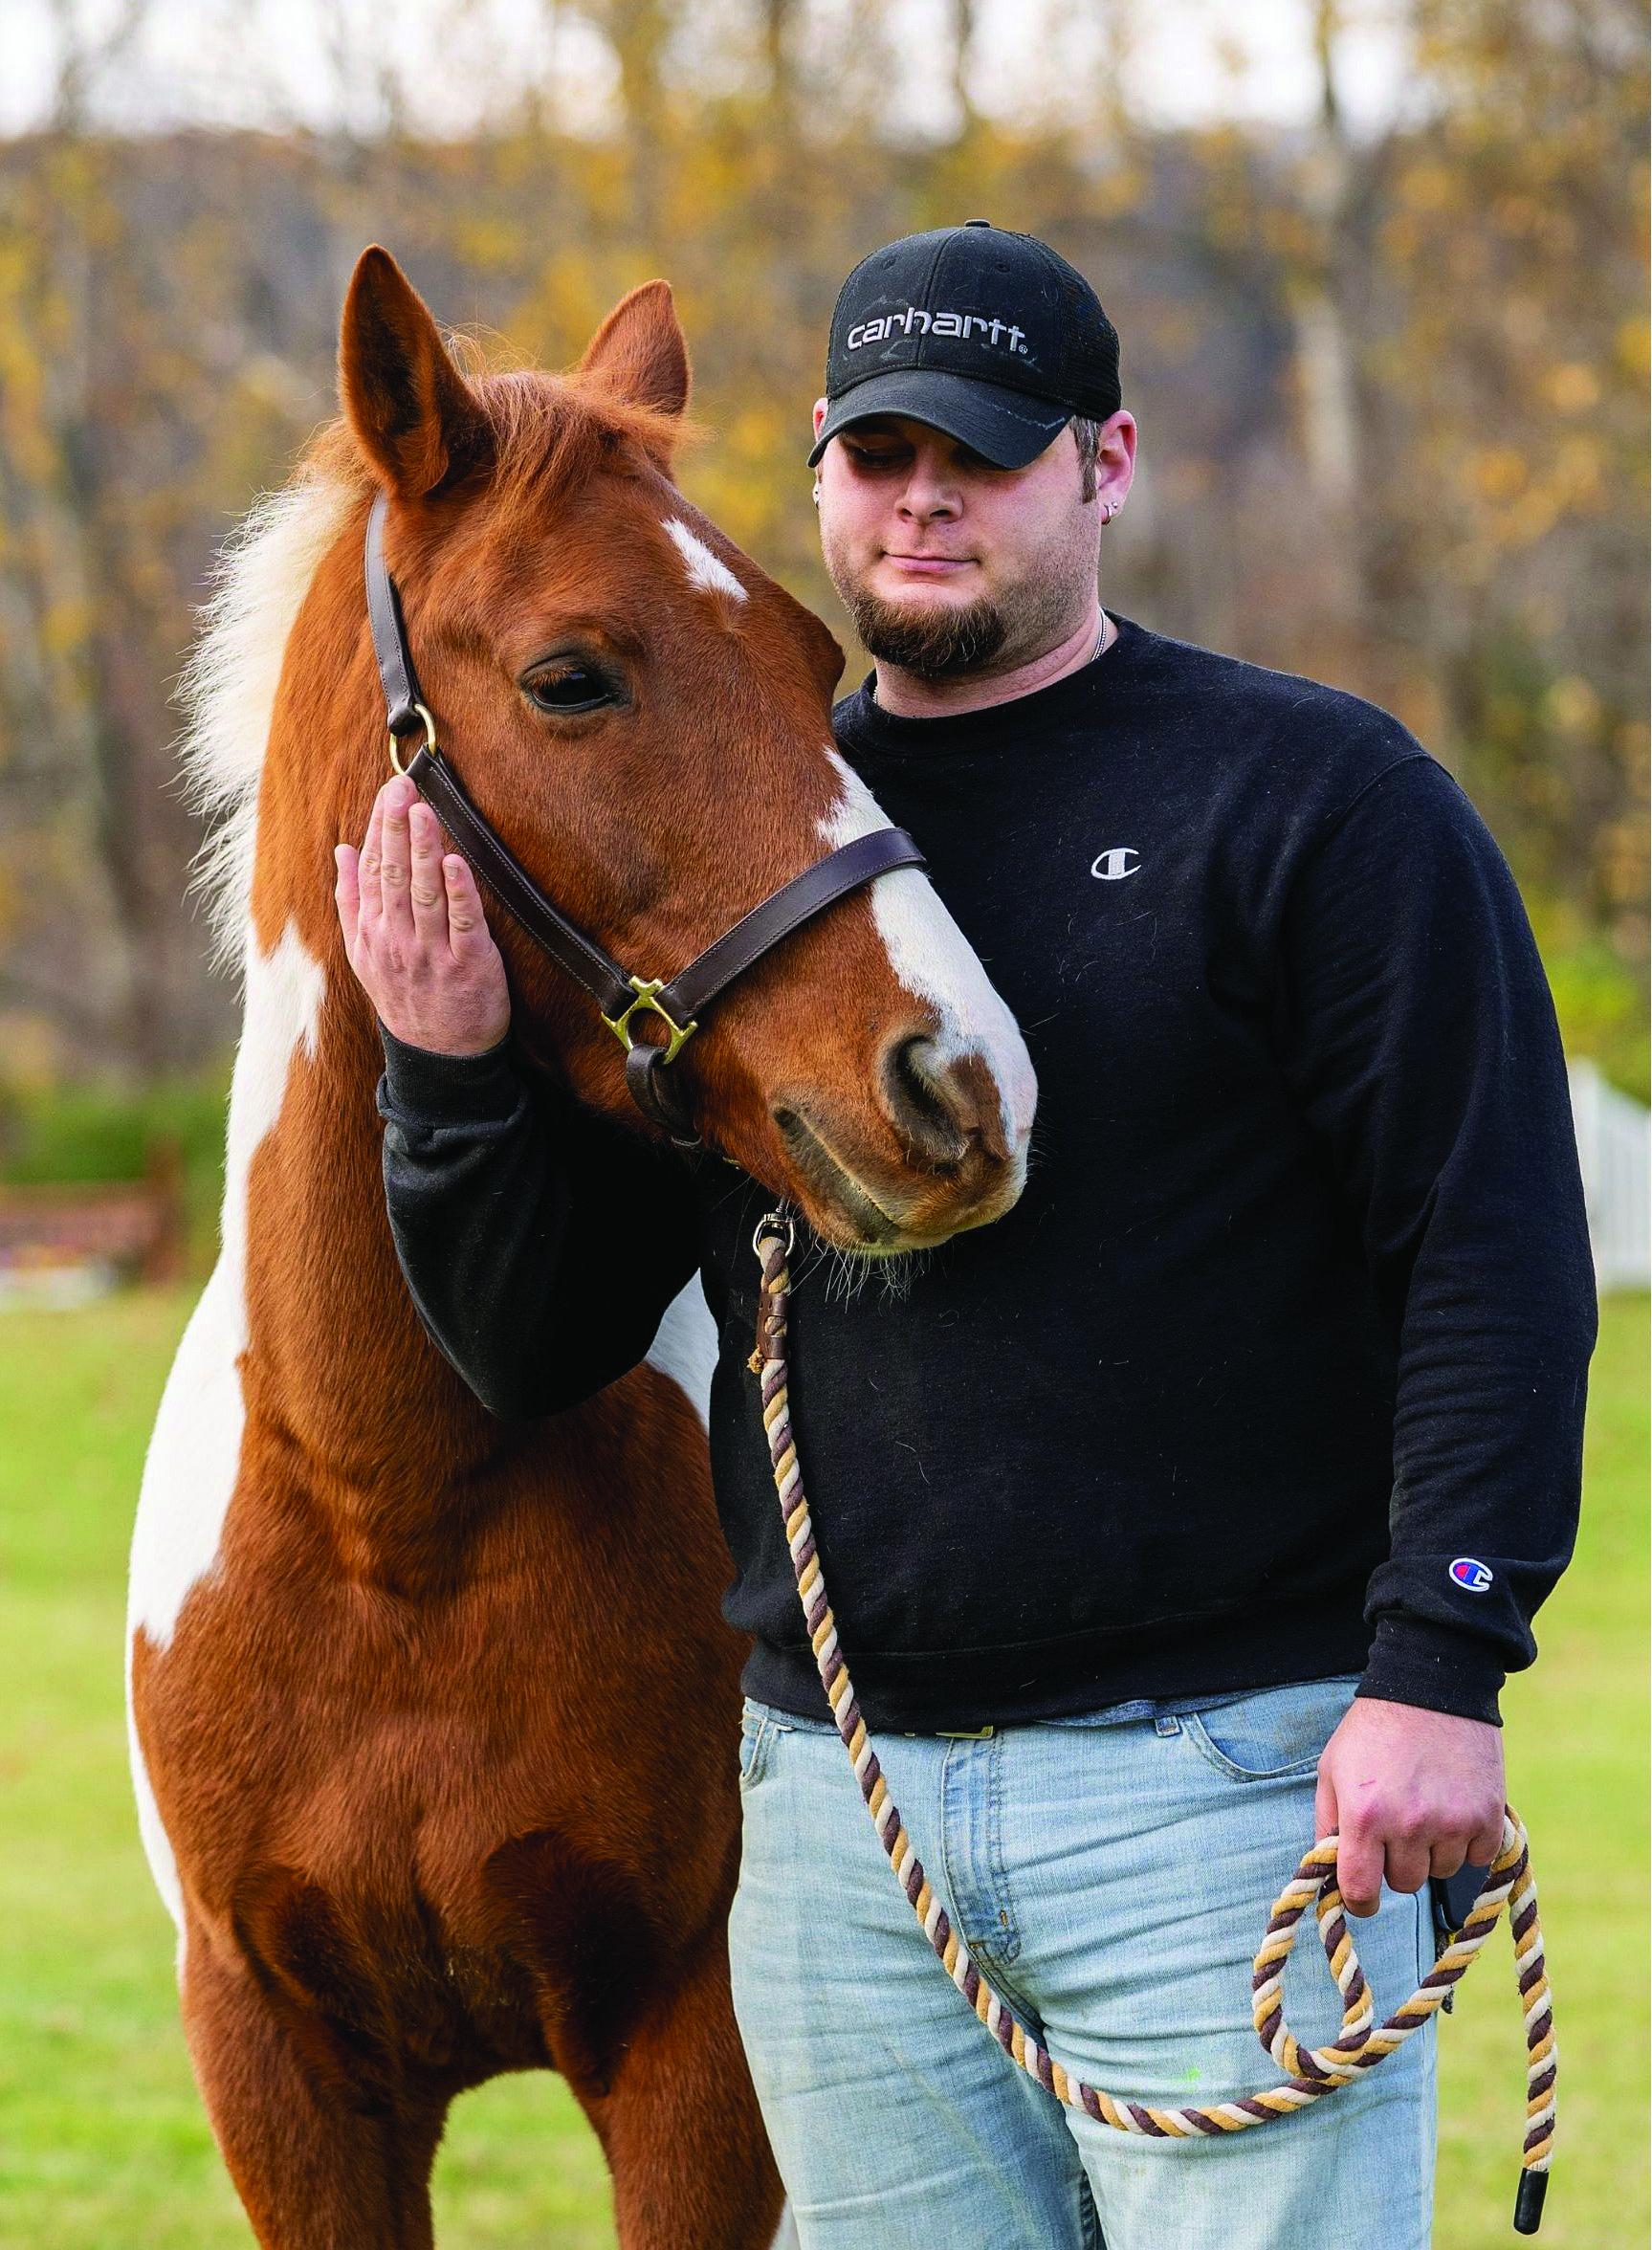 SUNY Cobleskill matches up vets, horses